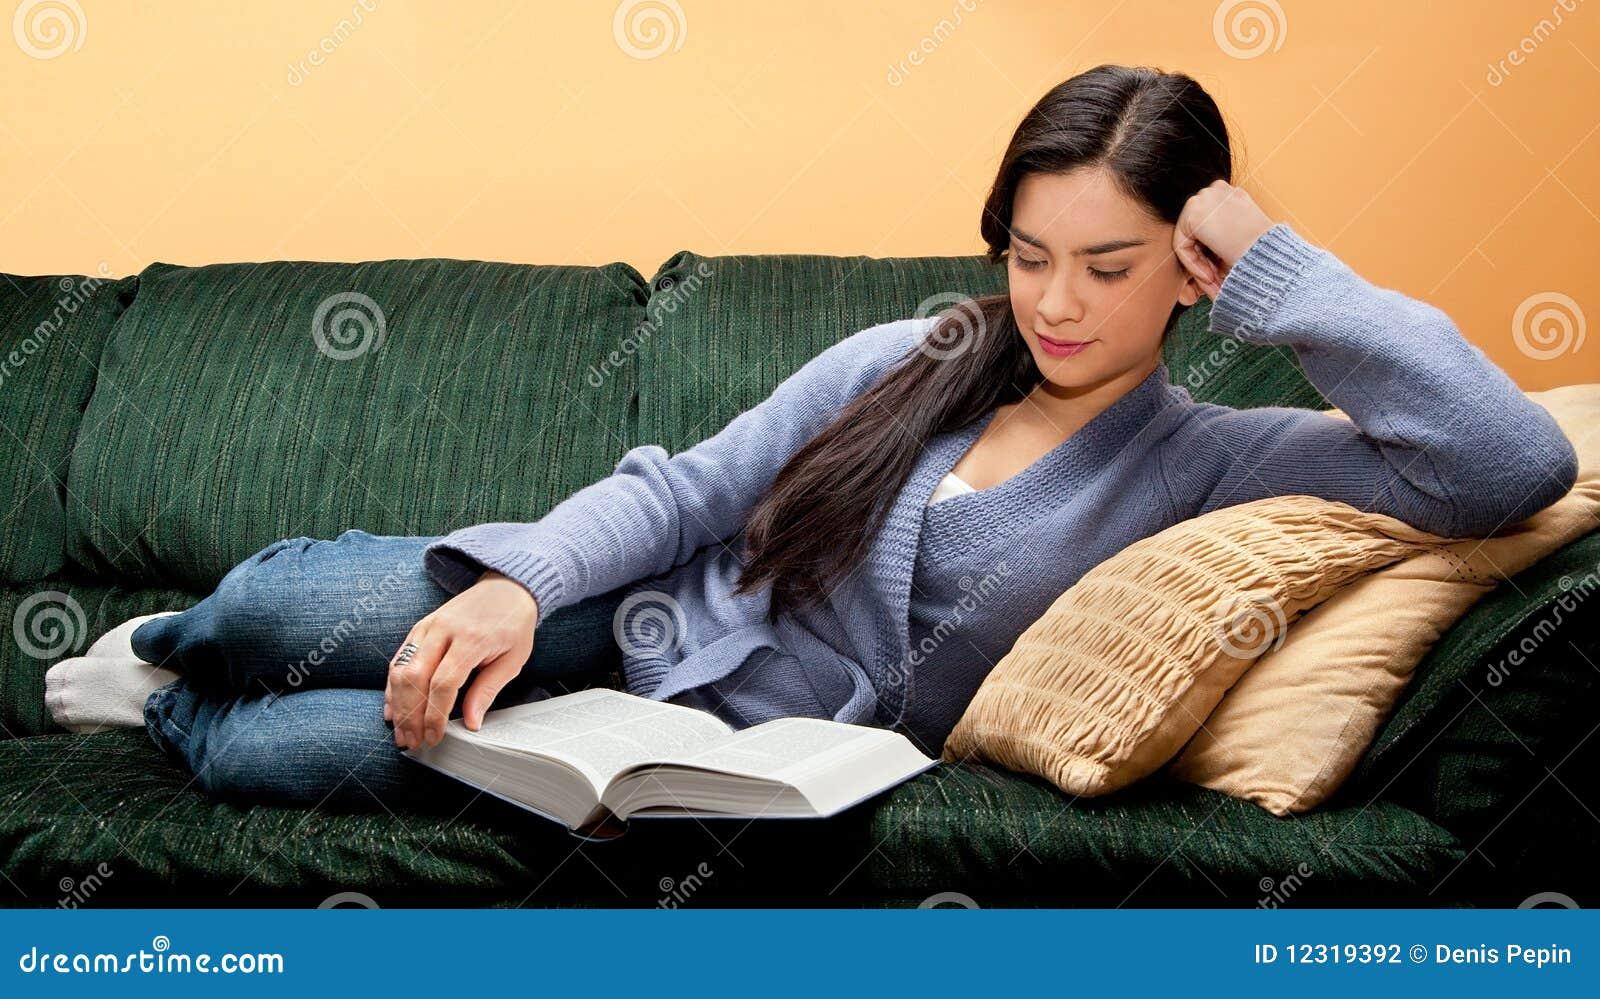 junge frau die sich auf sofa und lesebuch hinlegt stockfotografie bild 12319392. Black Bedroom Furniture Sets. Home Design Ideas